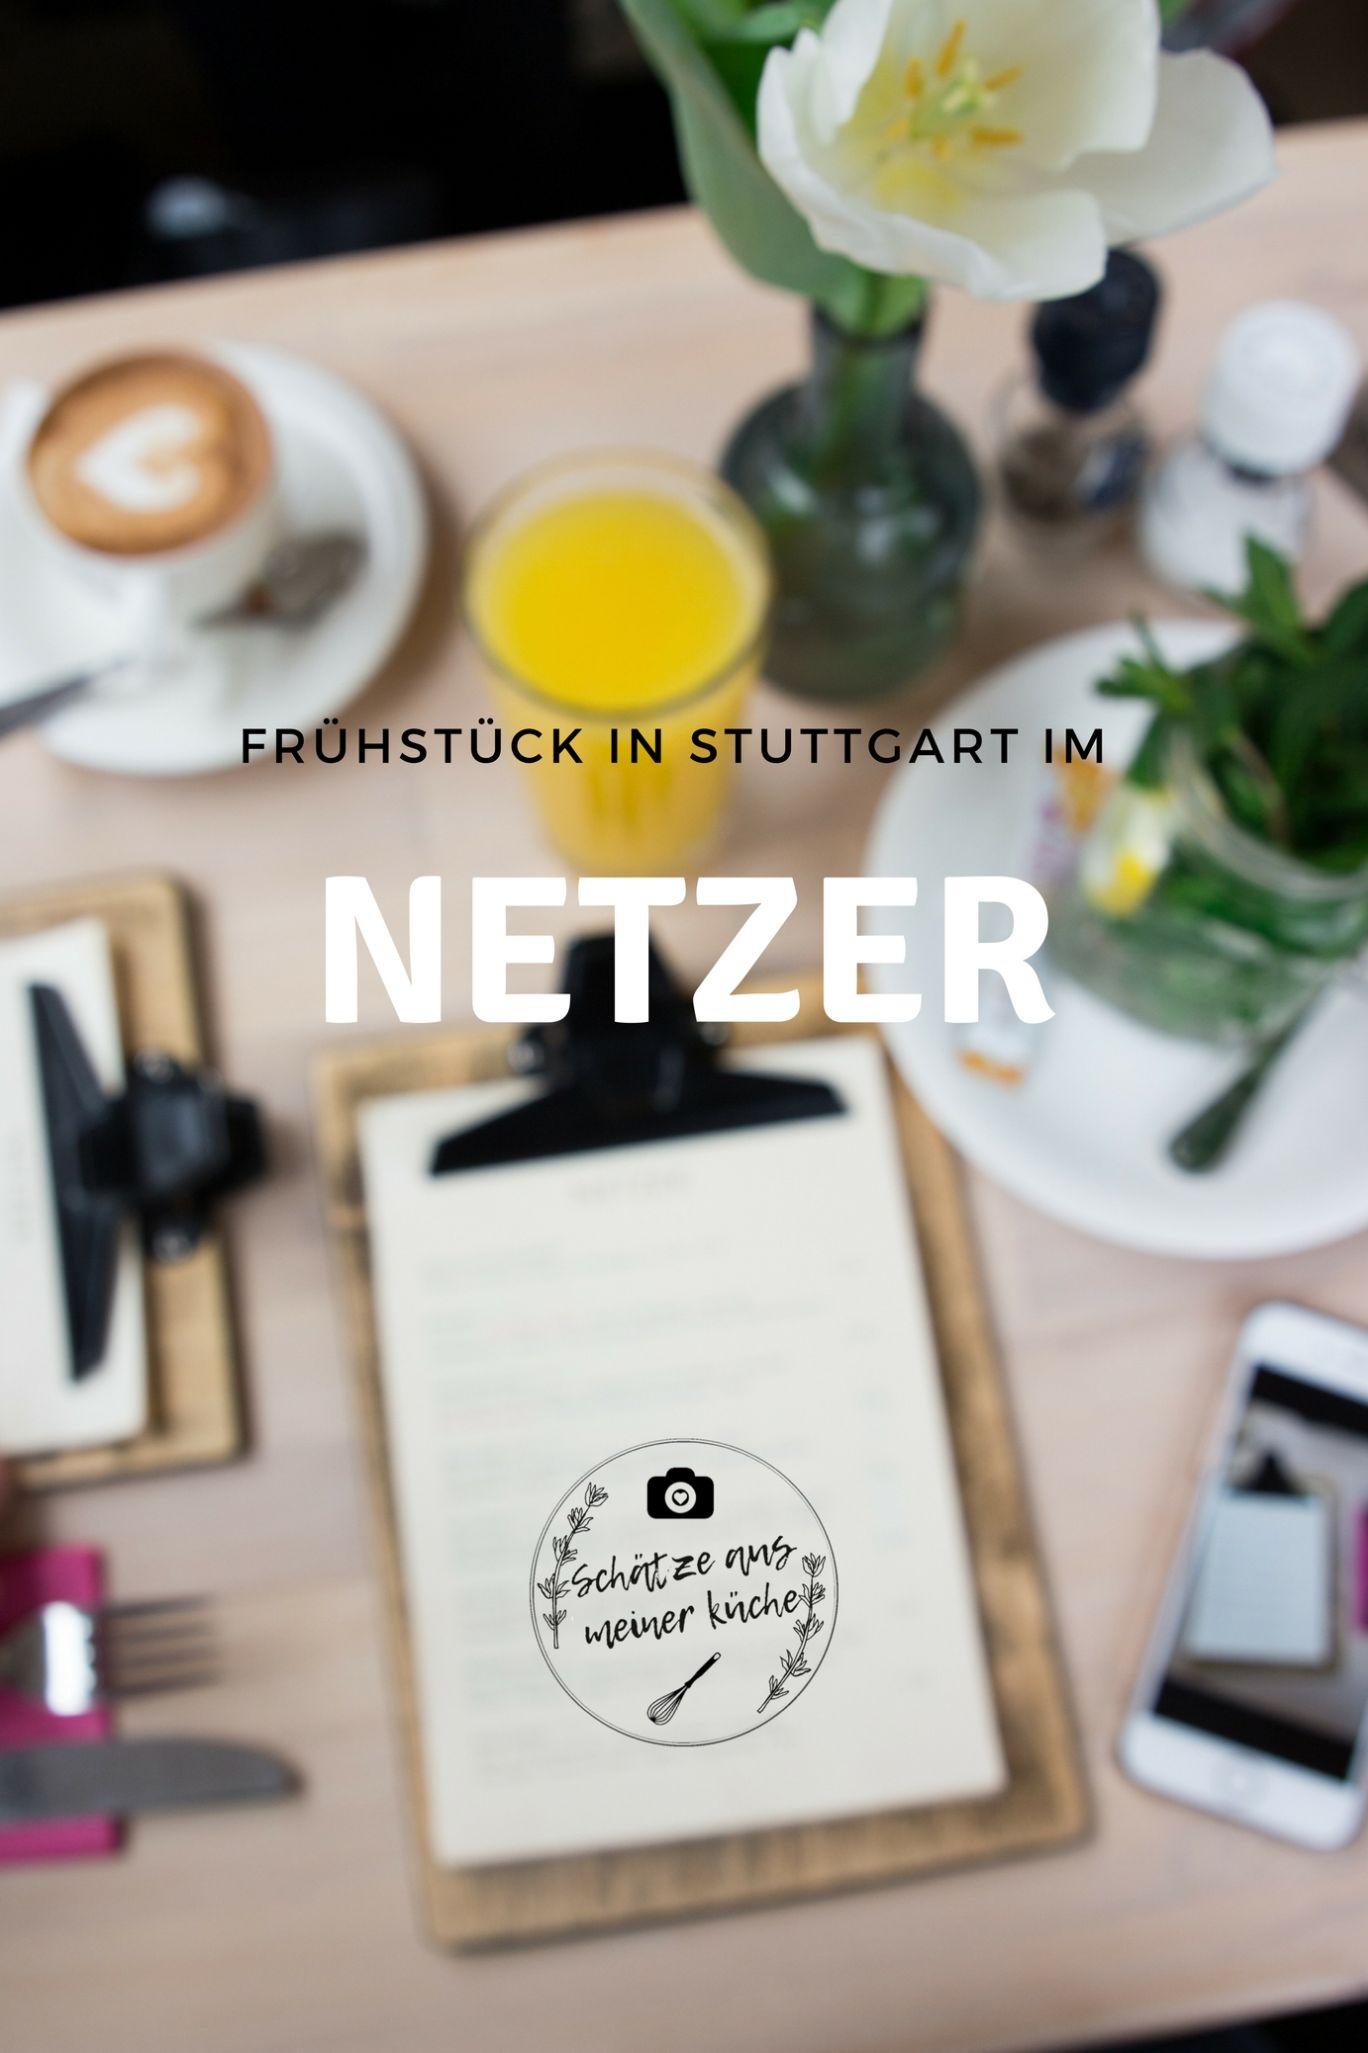 Frühstück in Stuttgart Netzer